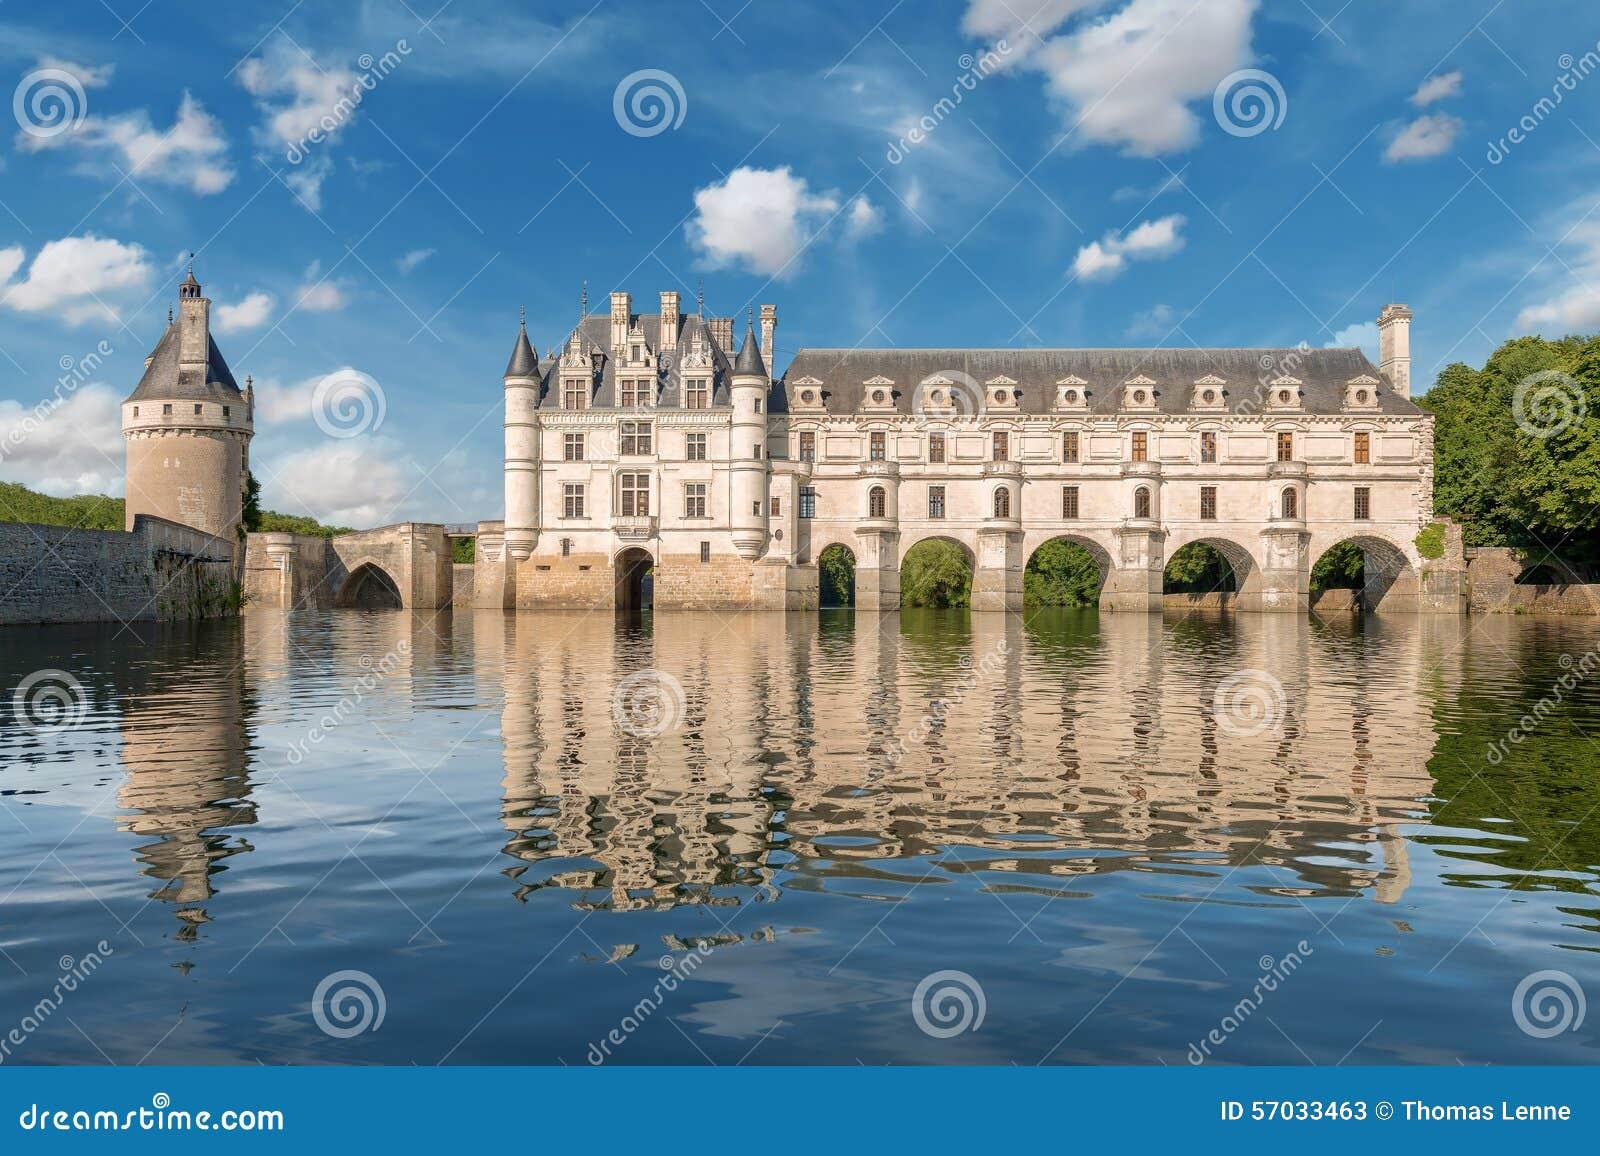 Castillo de Chenonceau, construido sobre el río de Cher, el valle del Loira, Francia